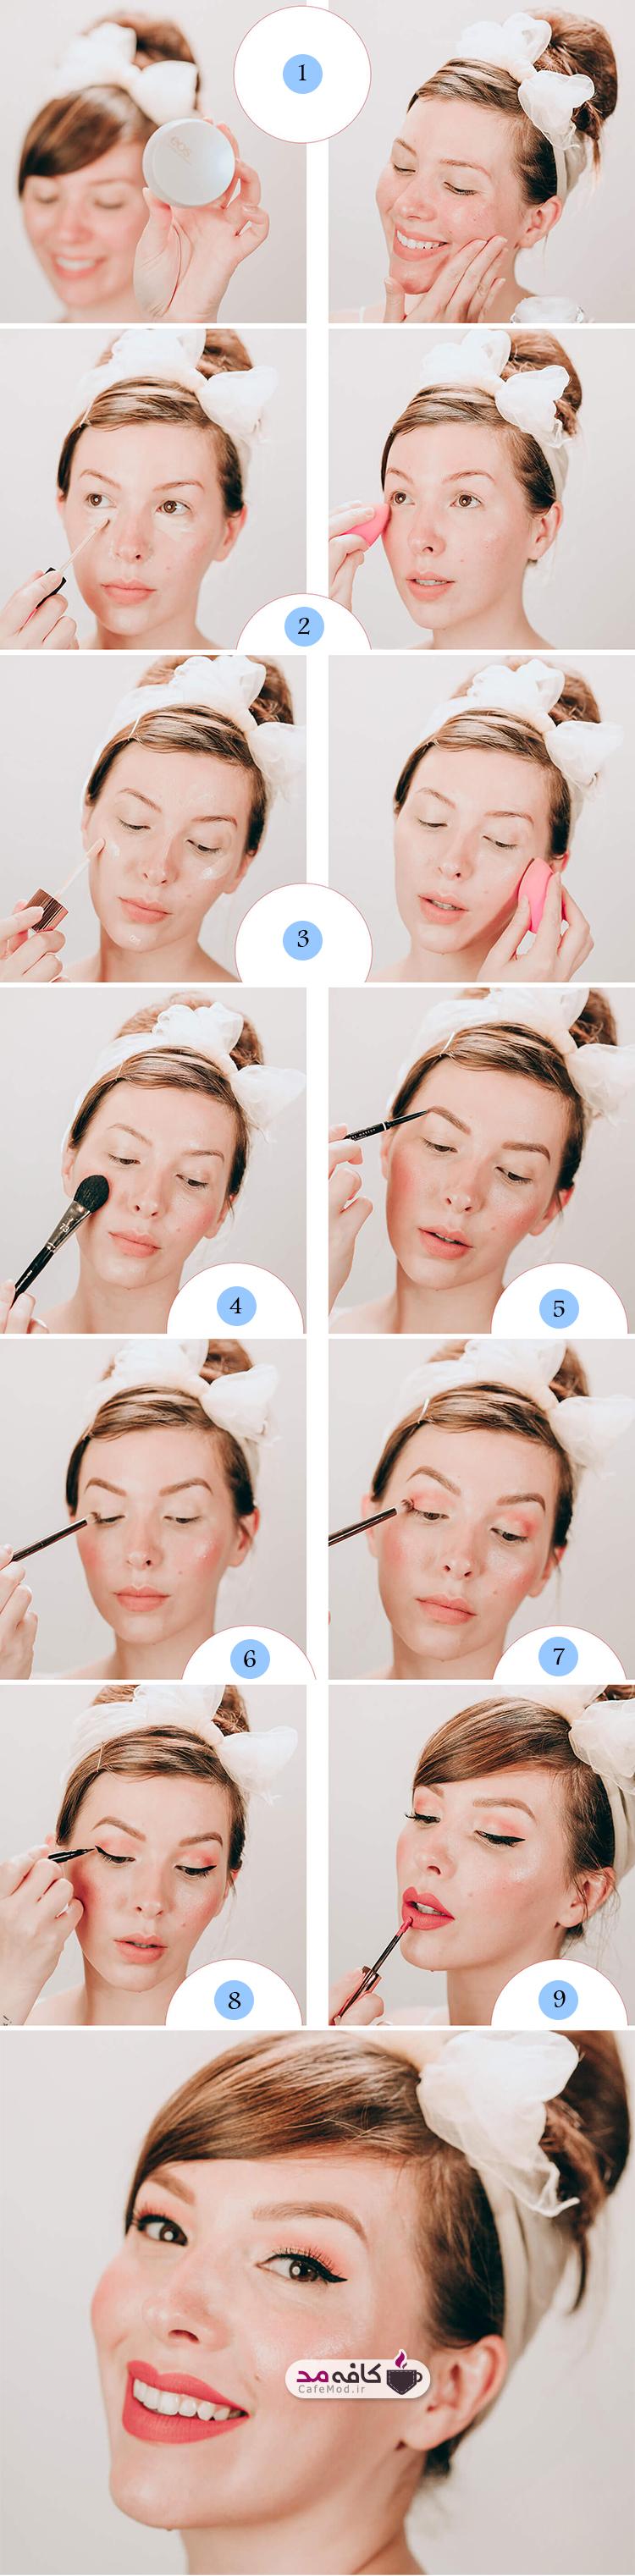 آموزش تصویری آرایش صورت ملایم تابستانه